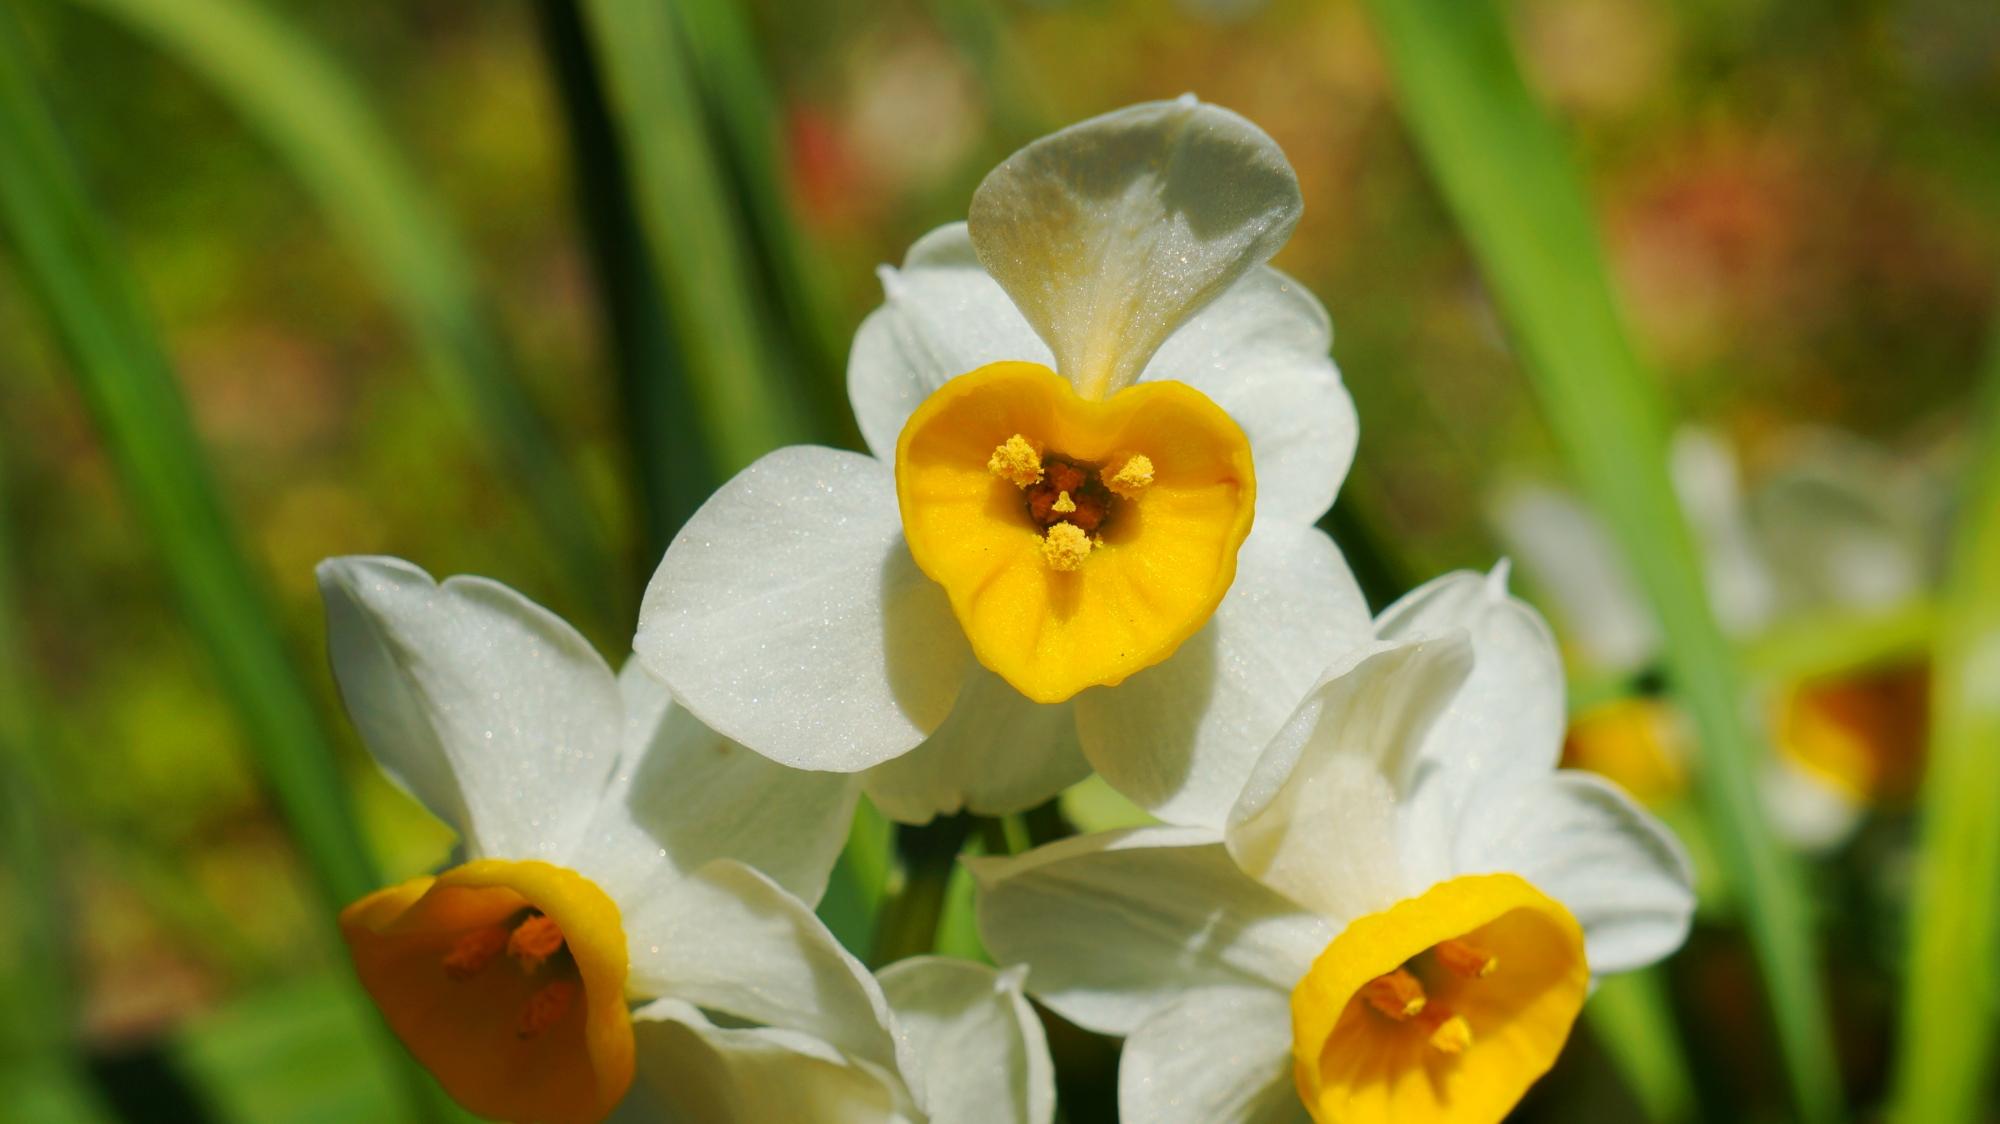 梅宮大社 梅 春先を彩る華やかな梅の花Post navigation